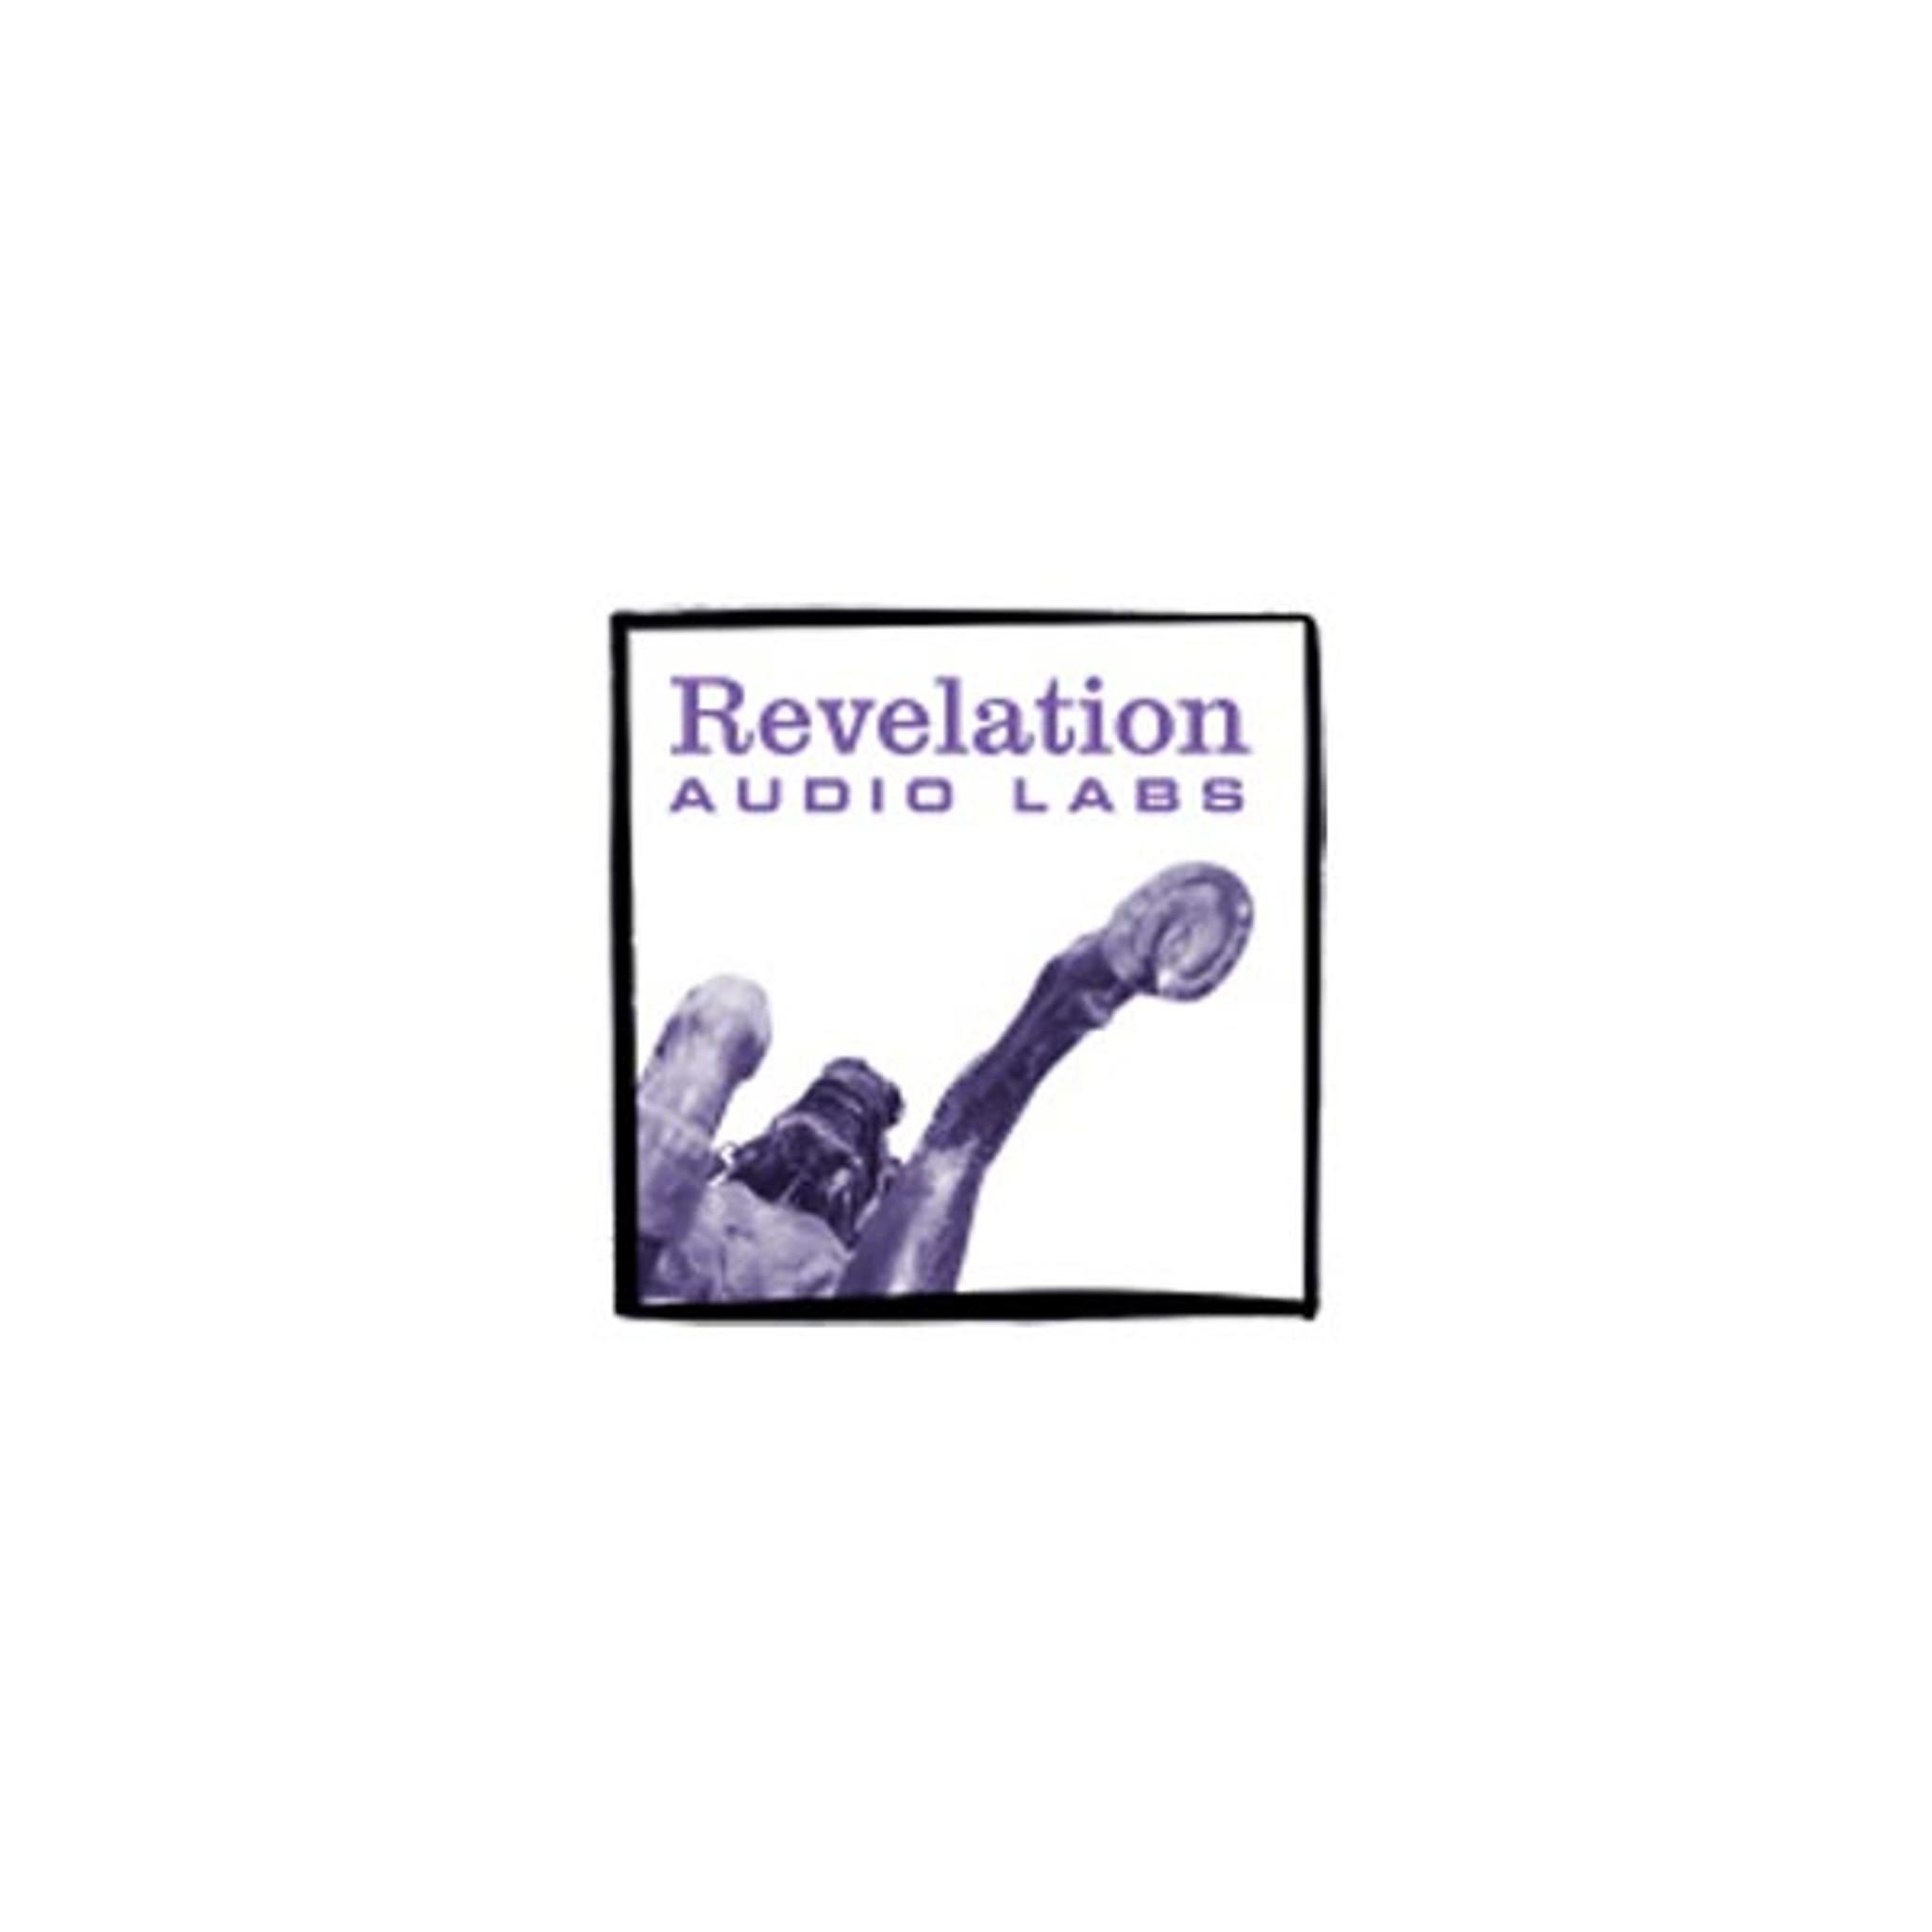 Revelation Audio Labs